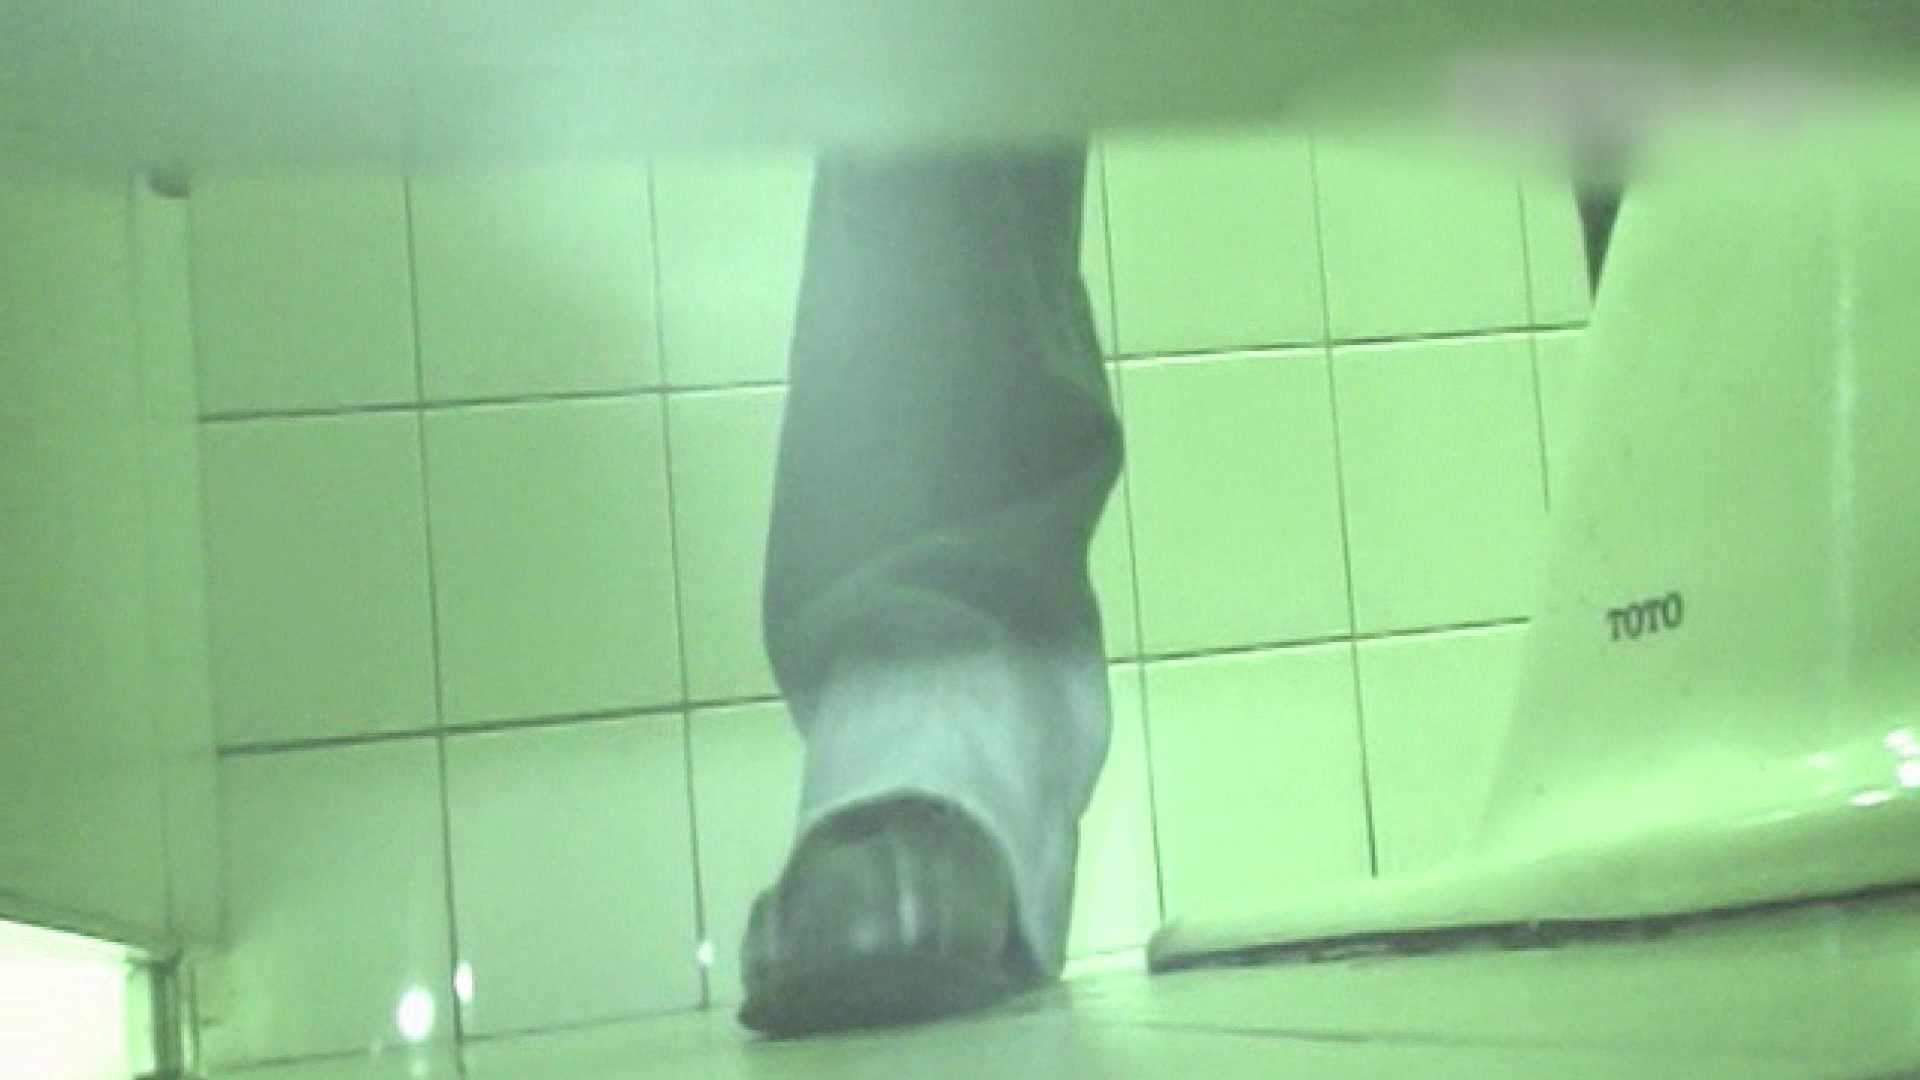 ロックハンドさんの盗撮記録File.11 厠隠し撮り   モロだしオマンコ  102pic 1